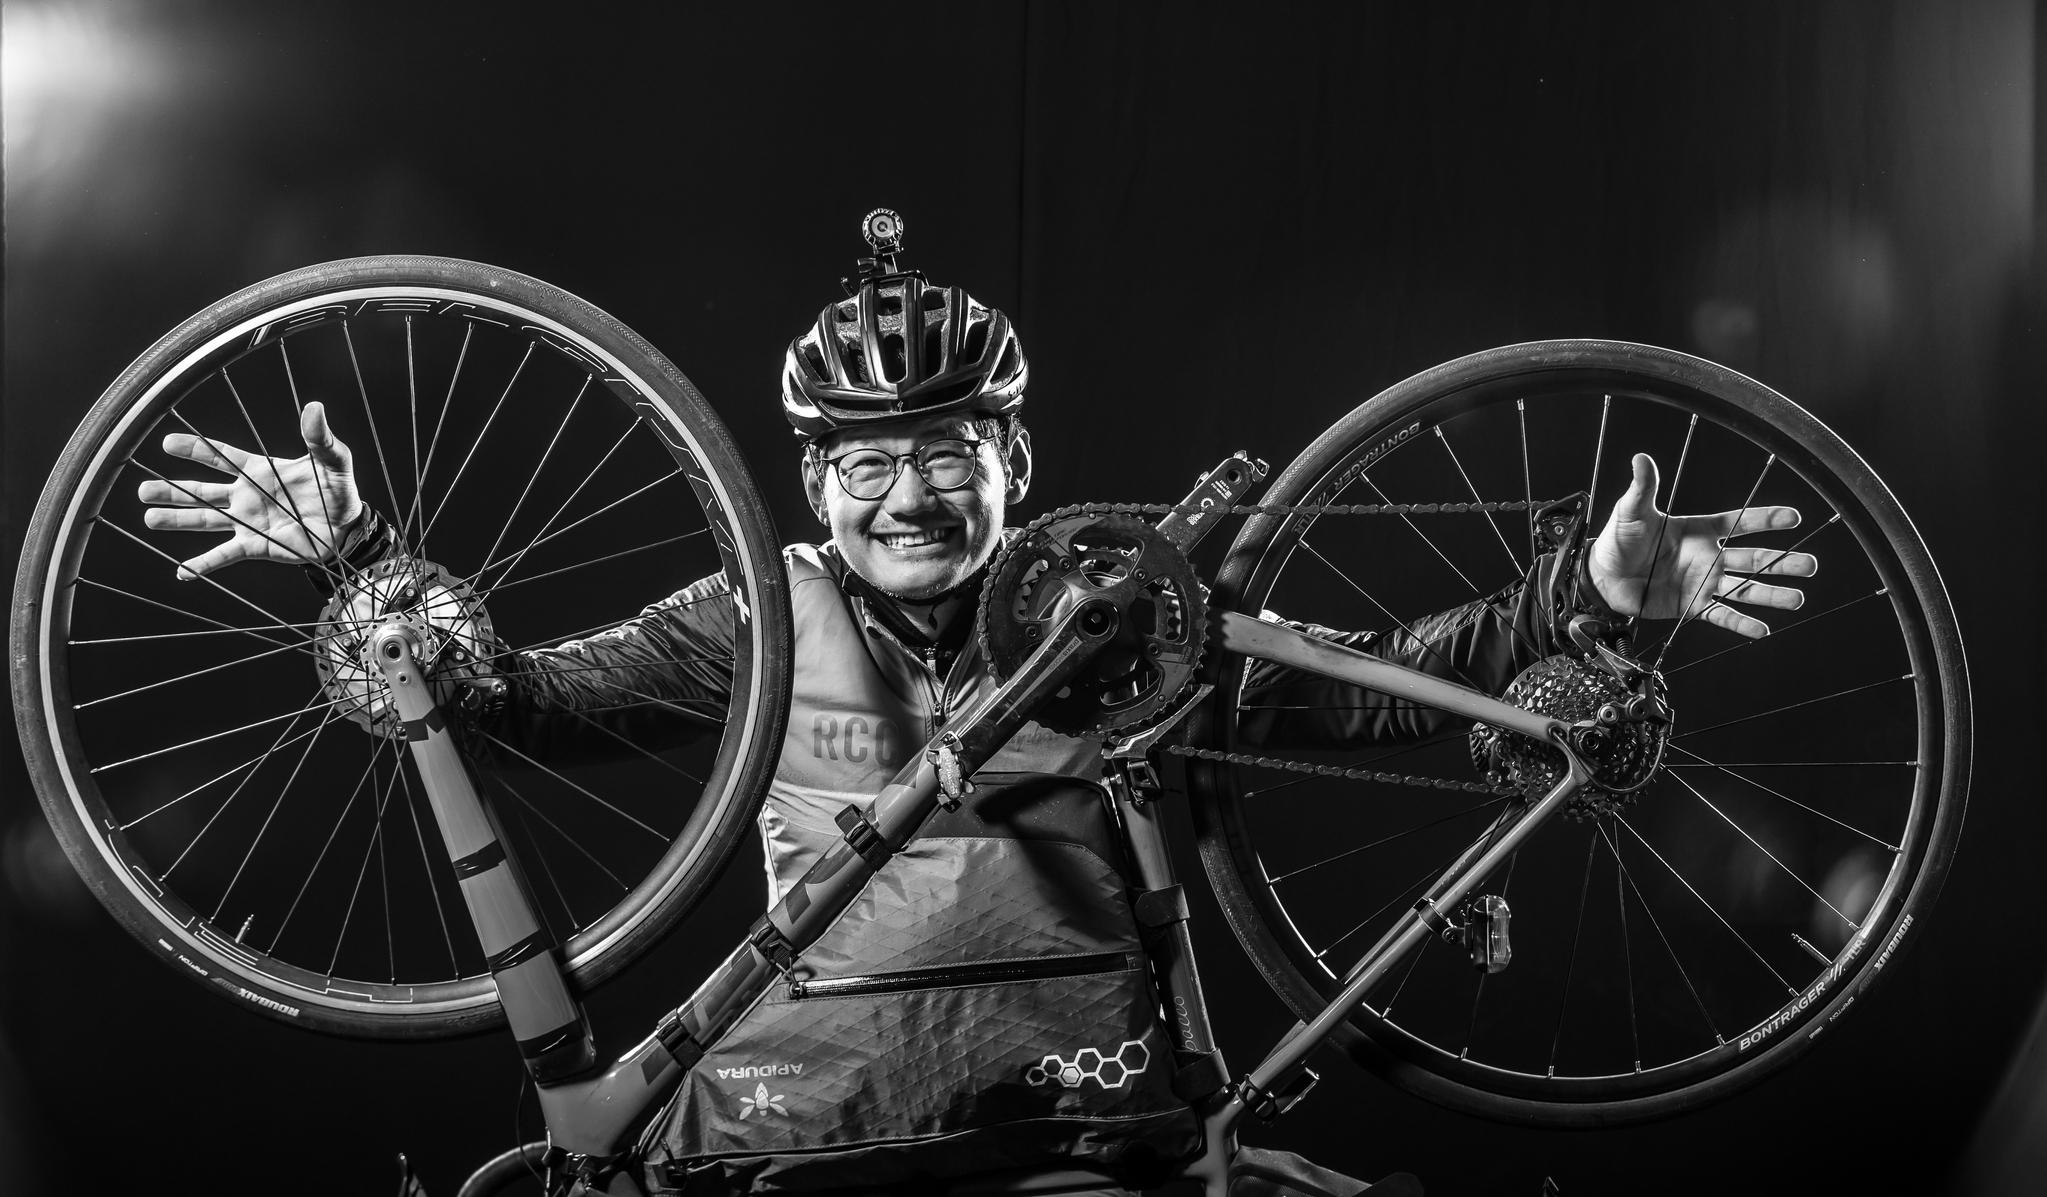 그에게 자전거 두바퀴는 삶이며 꿈이다.